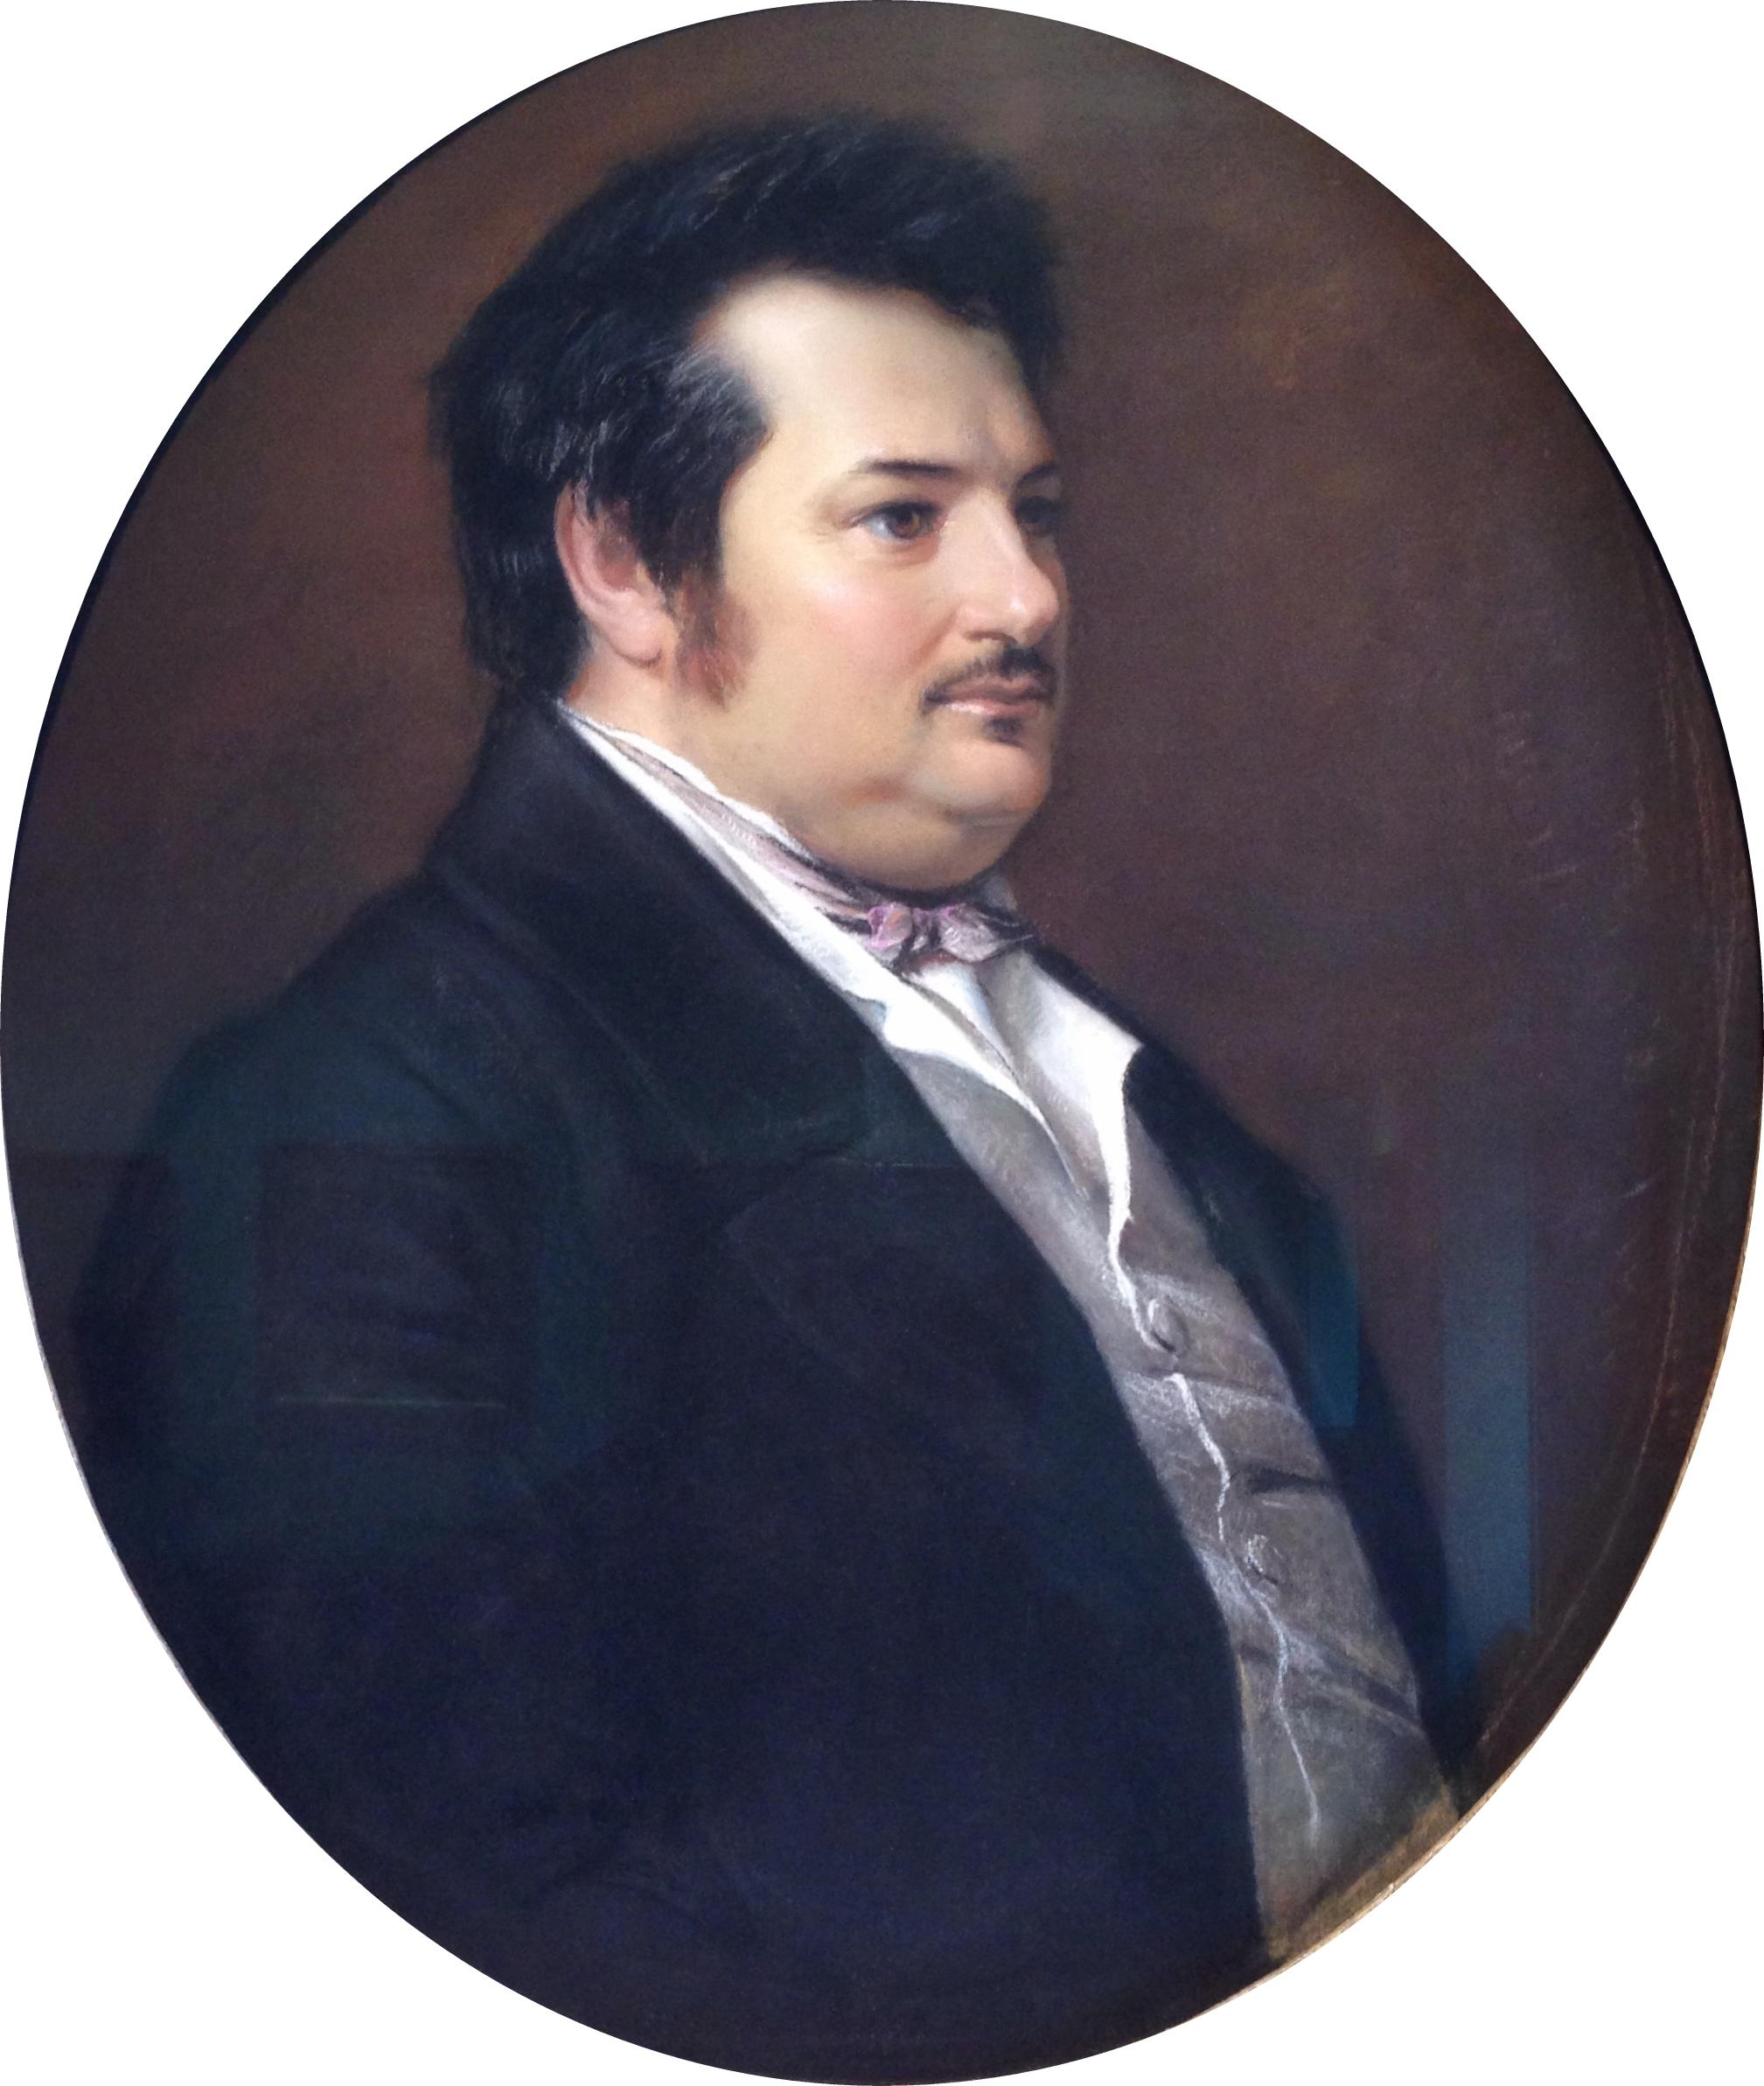 Honoré De Balzac Wikiquote